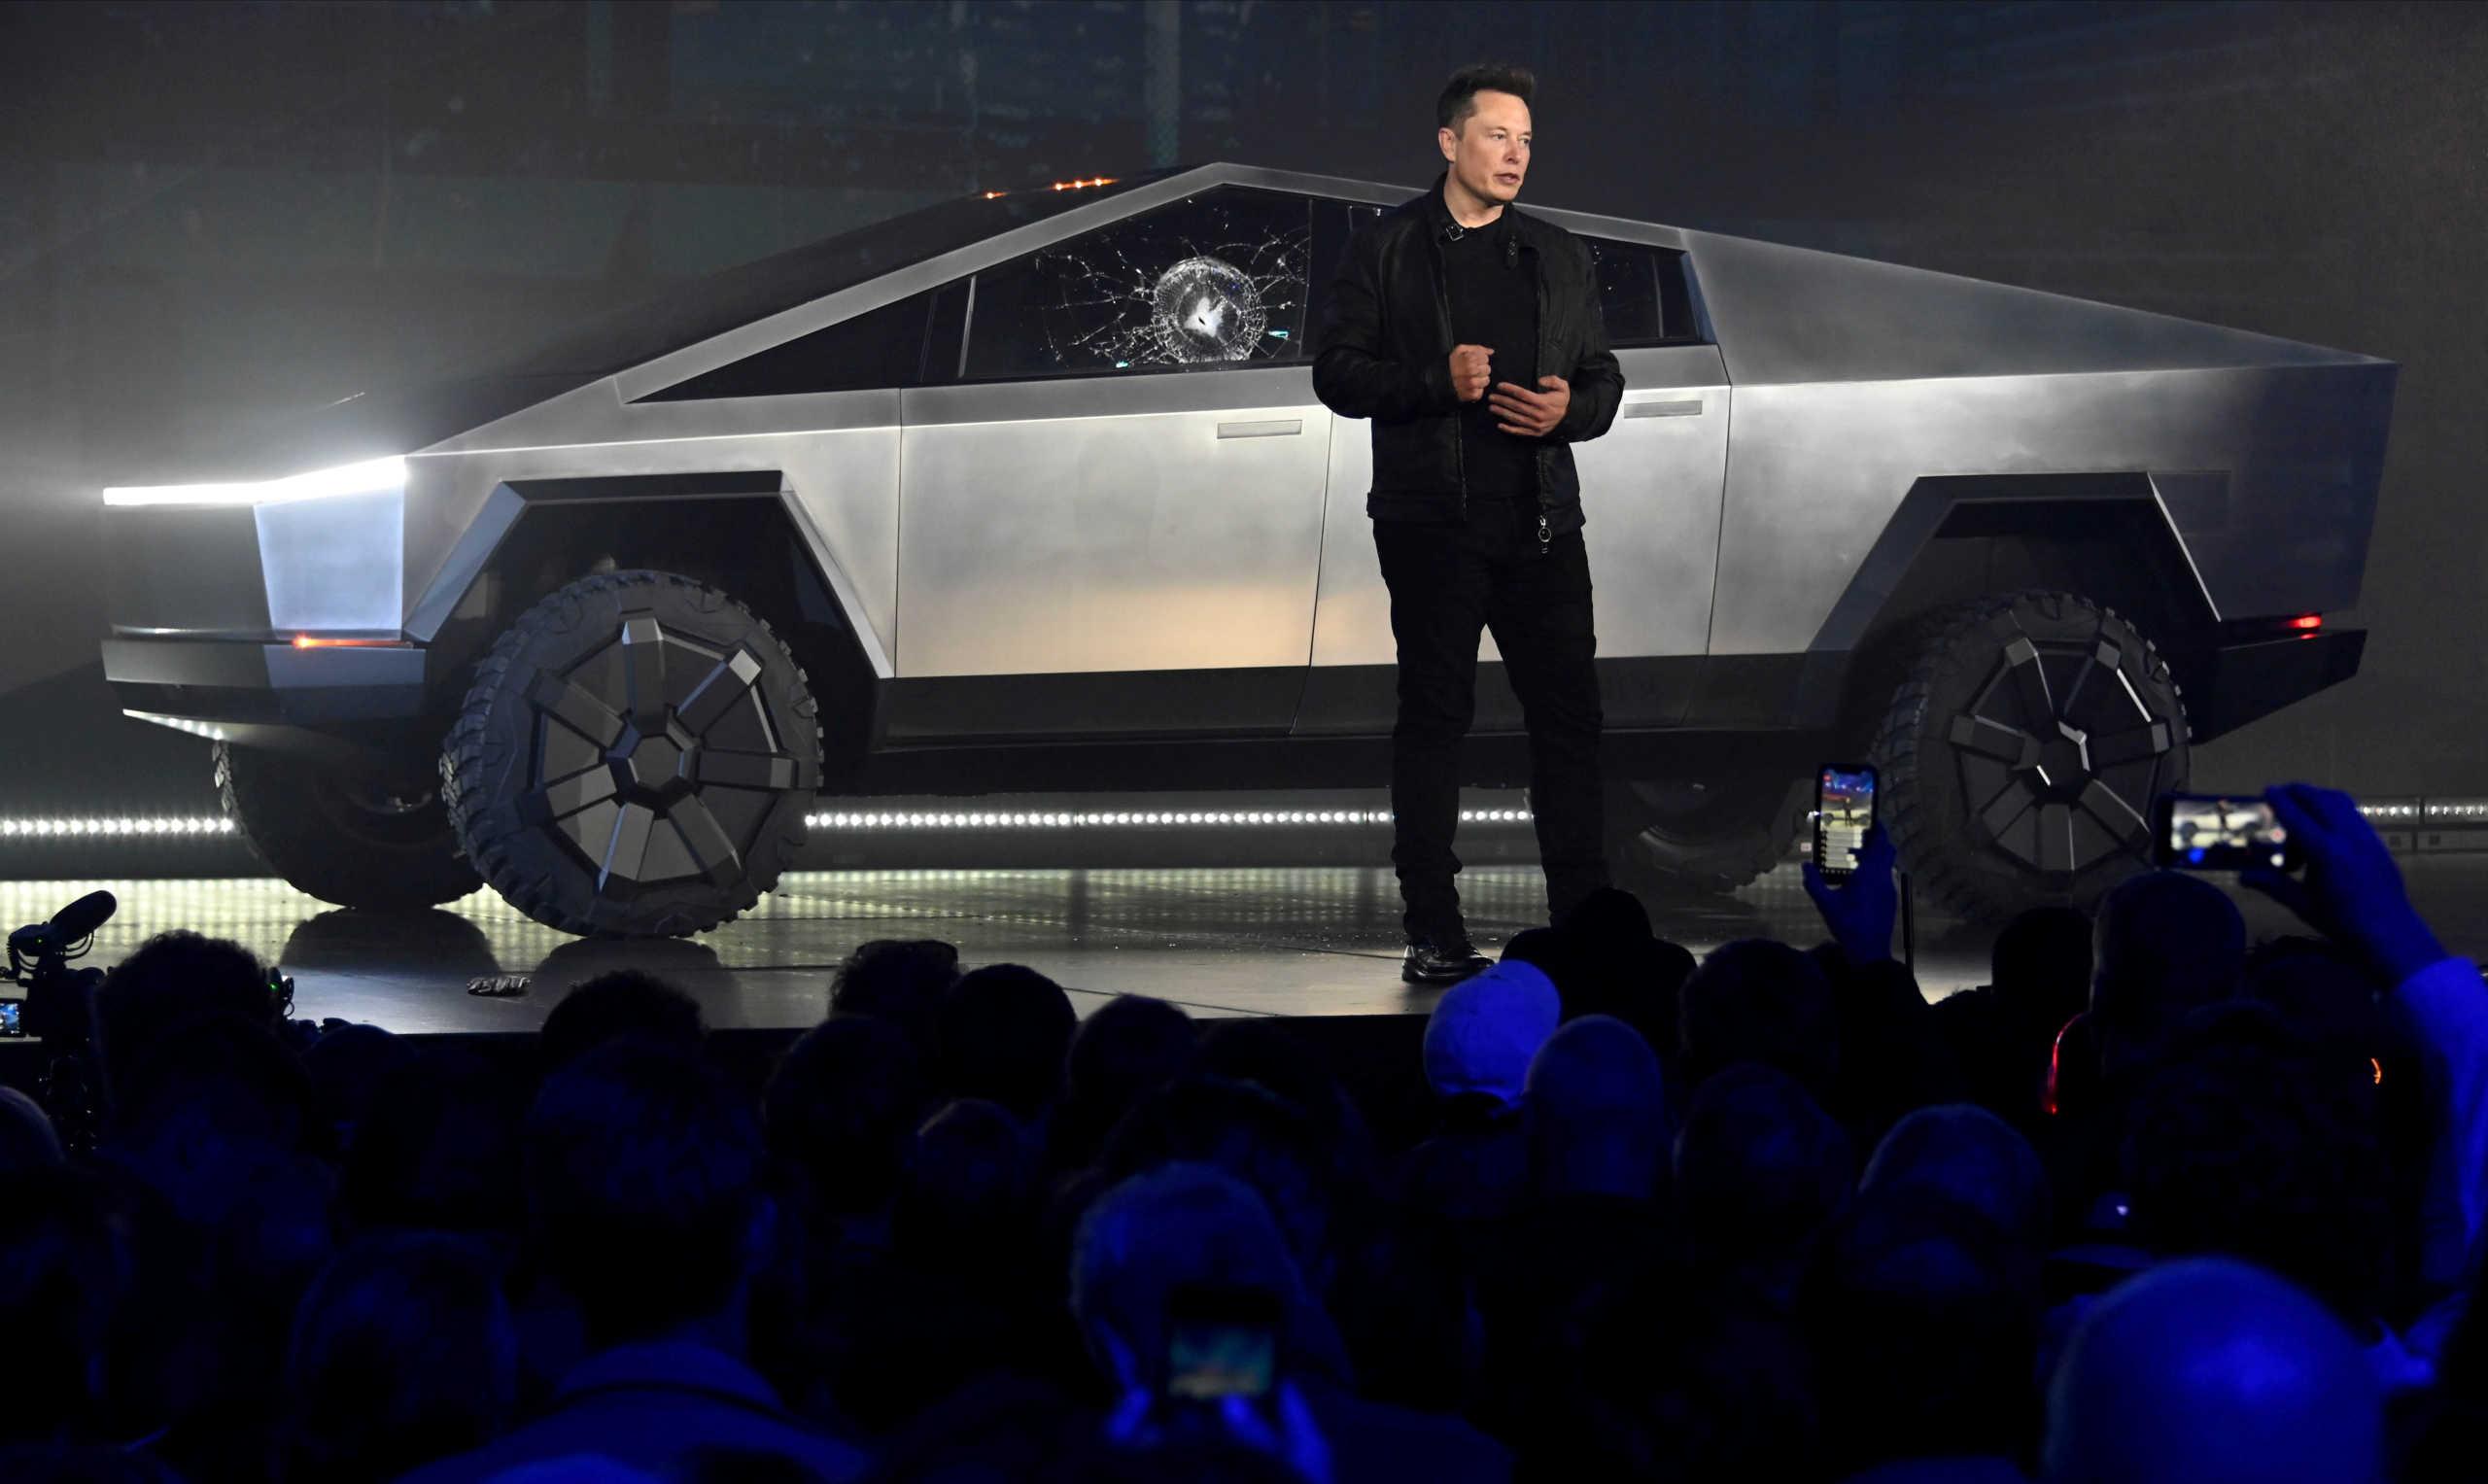 Κορονοϊός: Η εταιρία του επικεφαλής της Tesla, Έλον Μασκ θα κατασκευάσει αναπνευστήρες